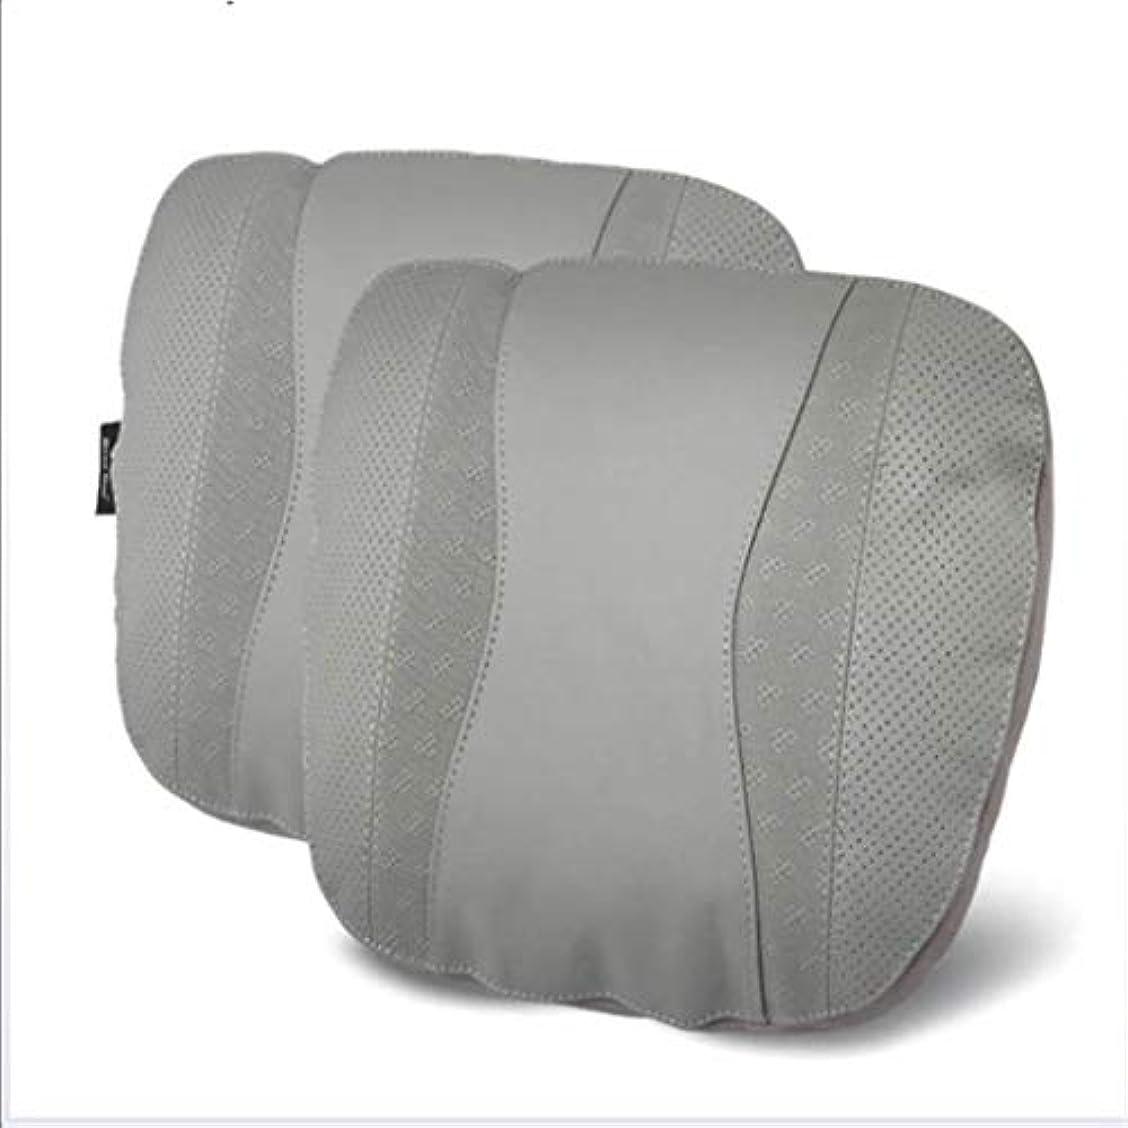 平等同情残るネックピロー、カーシートネックピロー、トラベルピローネックパッド、カーネックピローサポートピローとして使用、航空機のネックピロー、首の疲れを和らげる (Color : Gray)